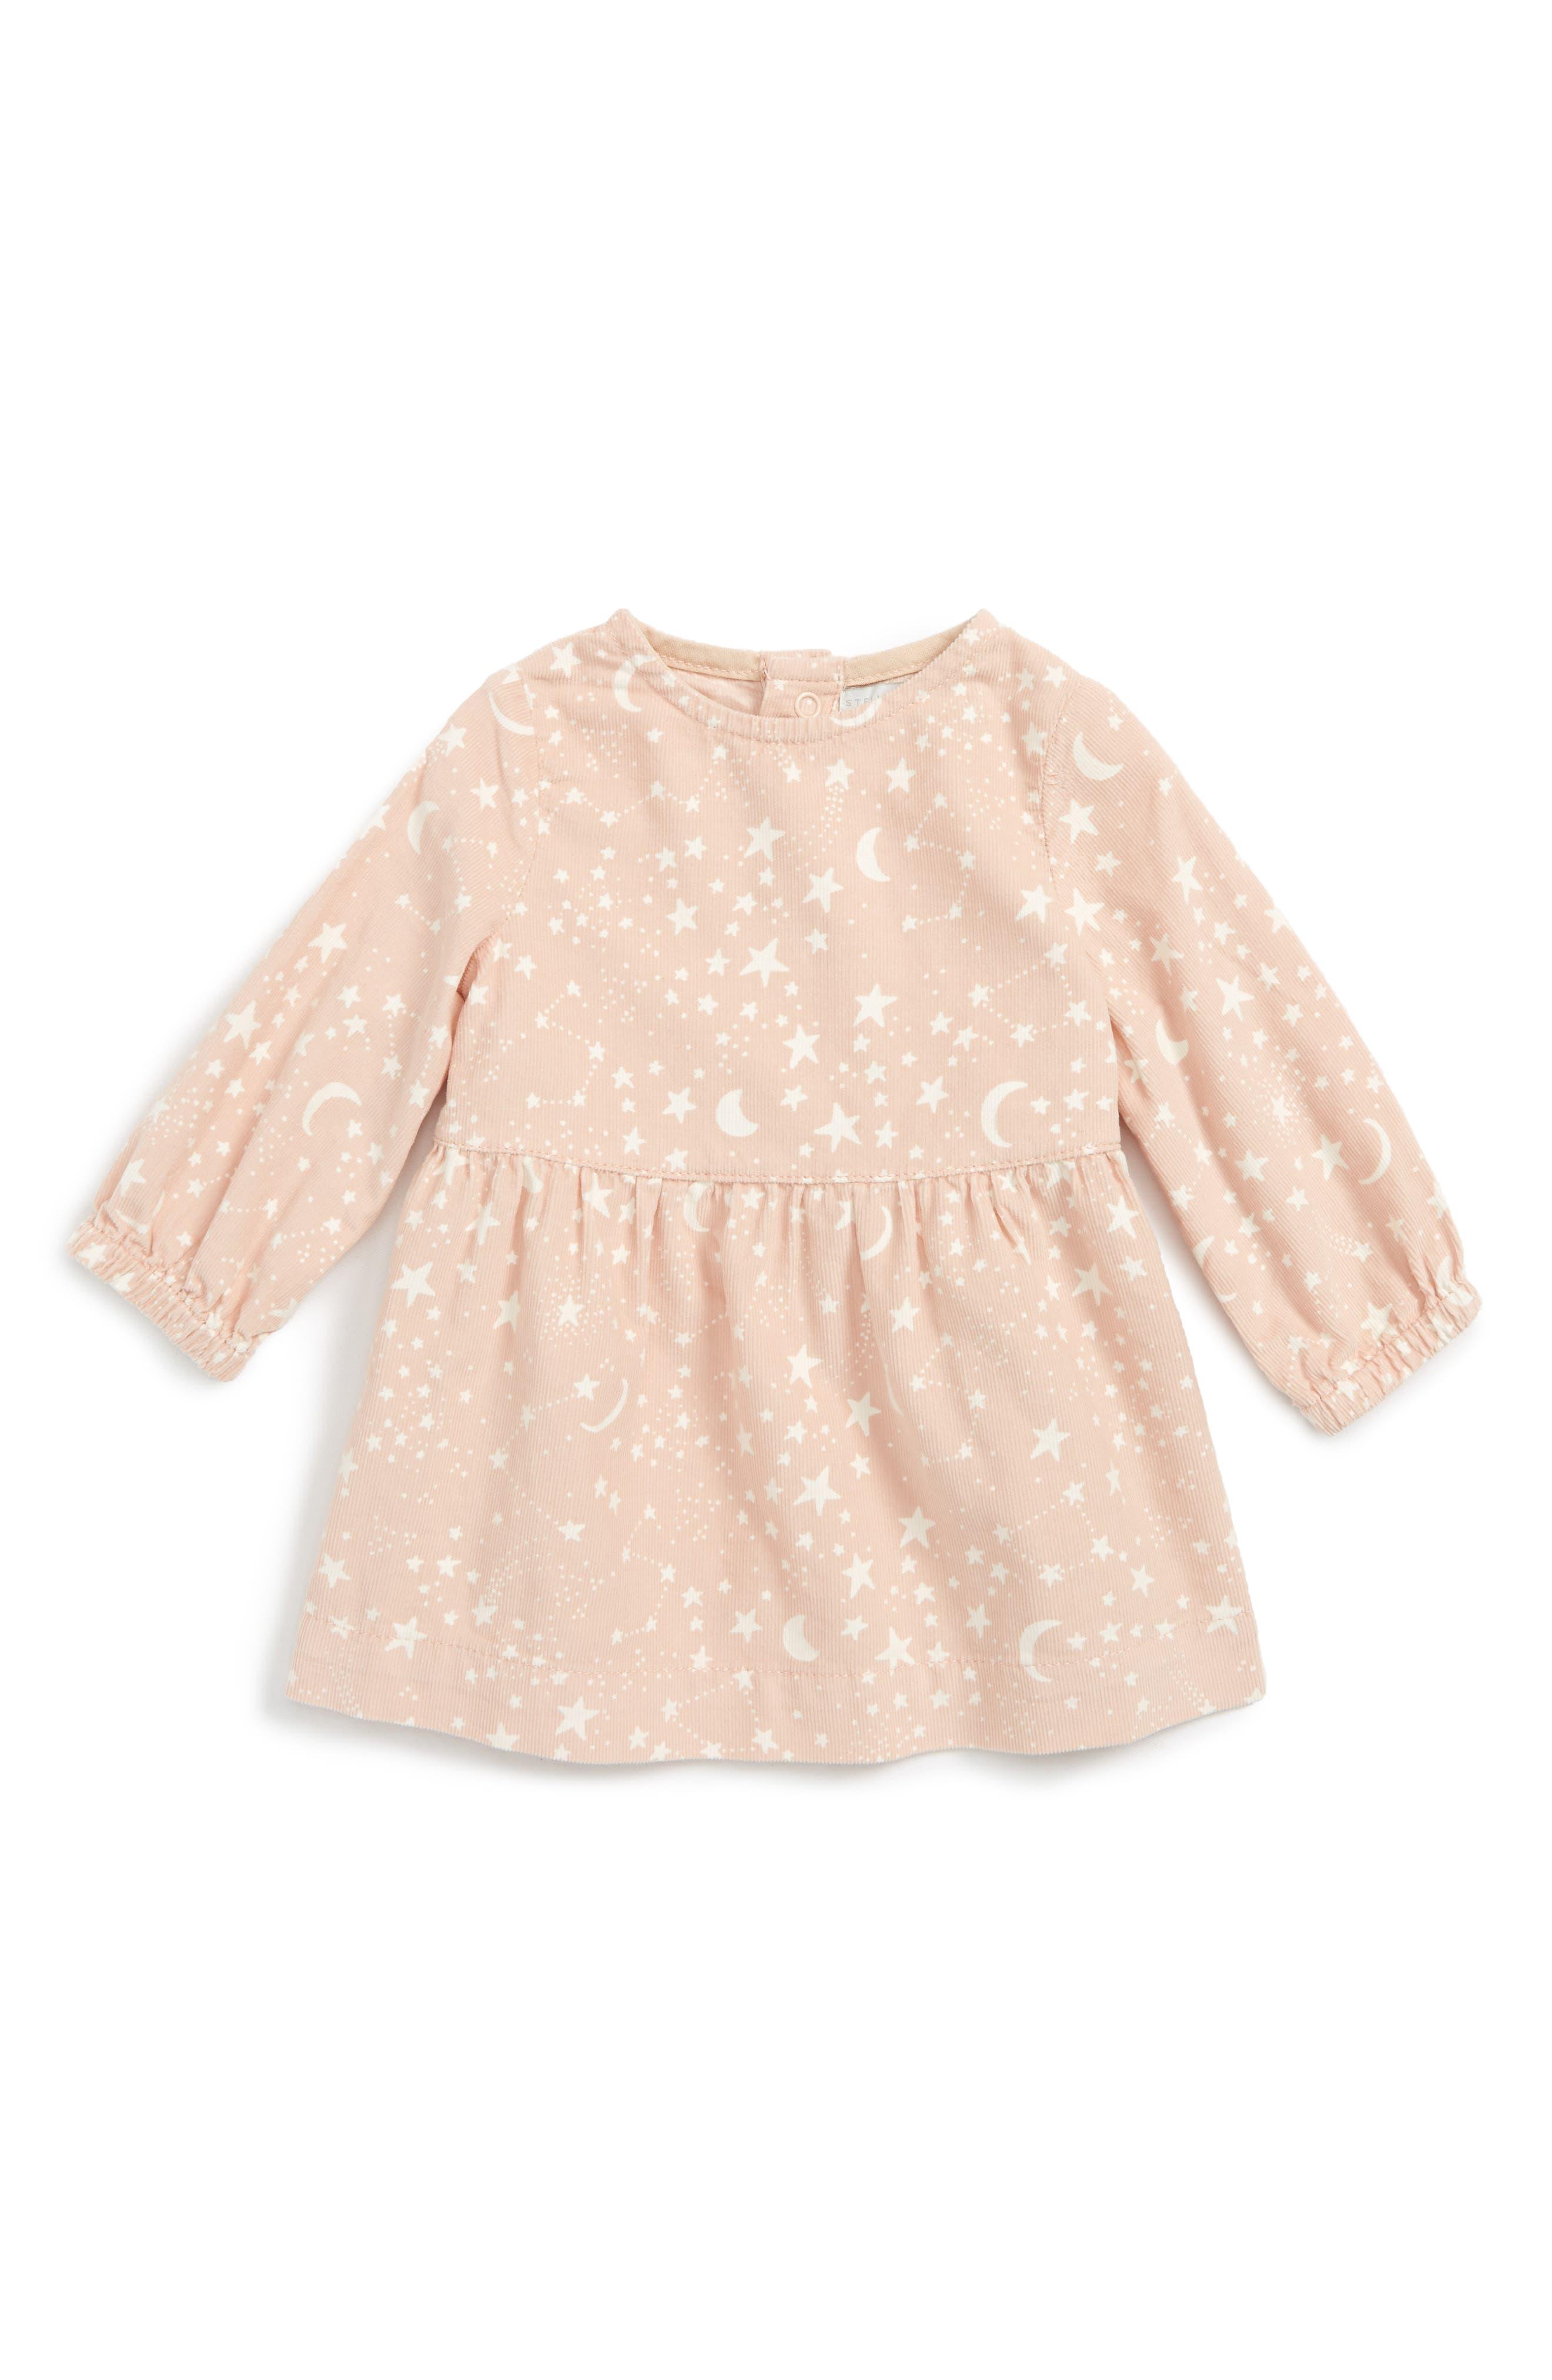 Skippy Star Print Dress,                             Main thumbnail 1, color,                             Pink